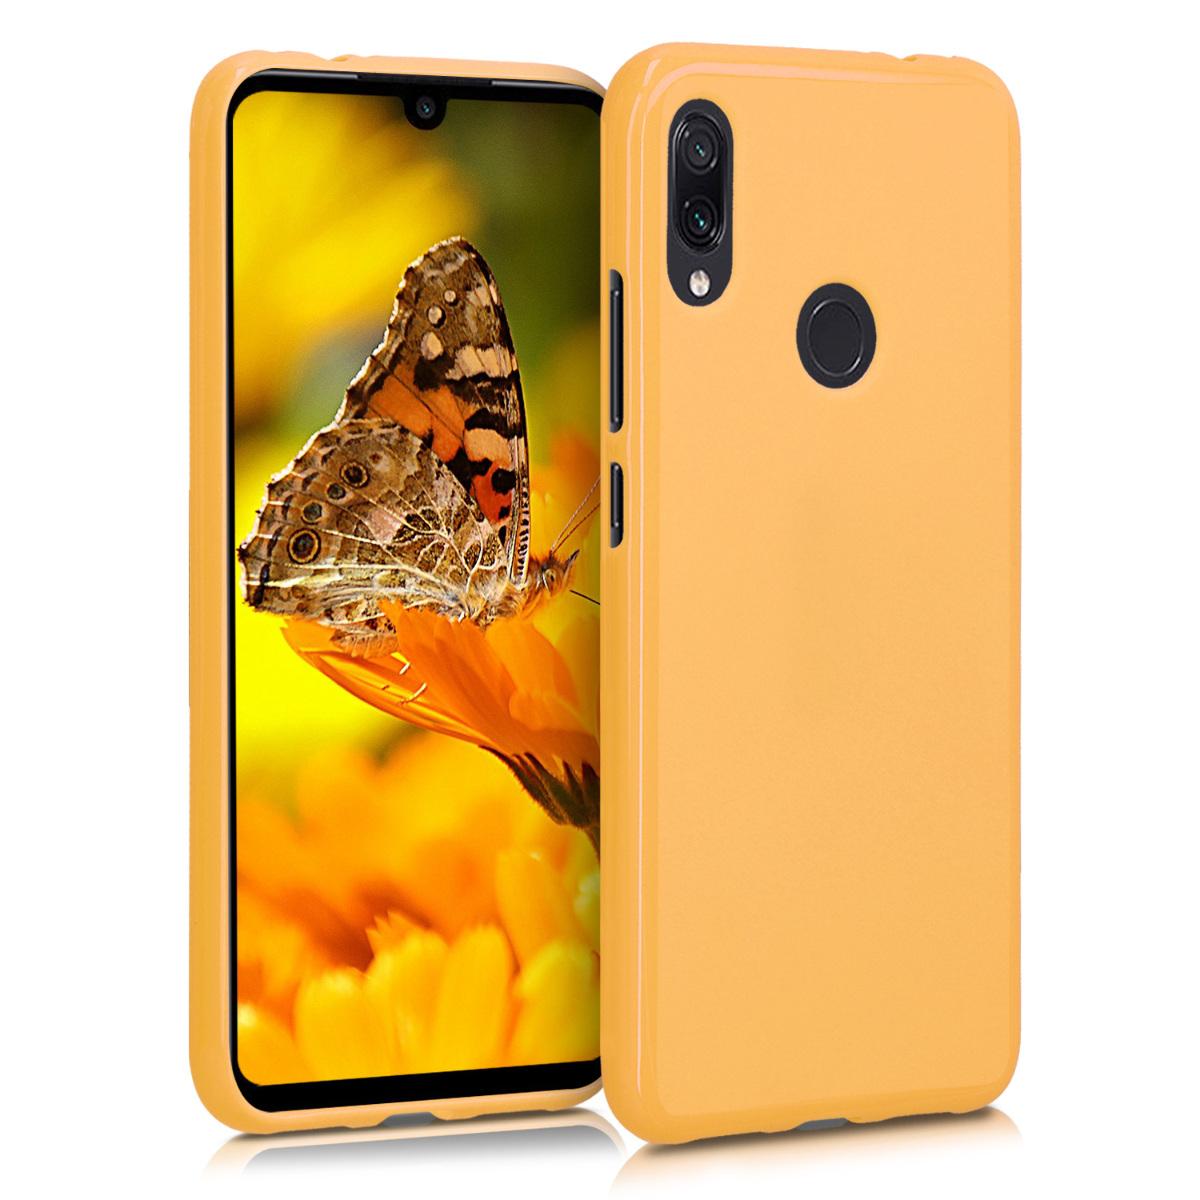 KW Θήκη Σιλικόνης Xiaomi Redmi Note 7 / Note 7 Pro - Honey Yellow (47571.143)